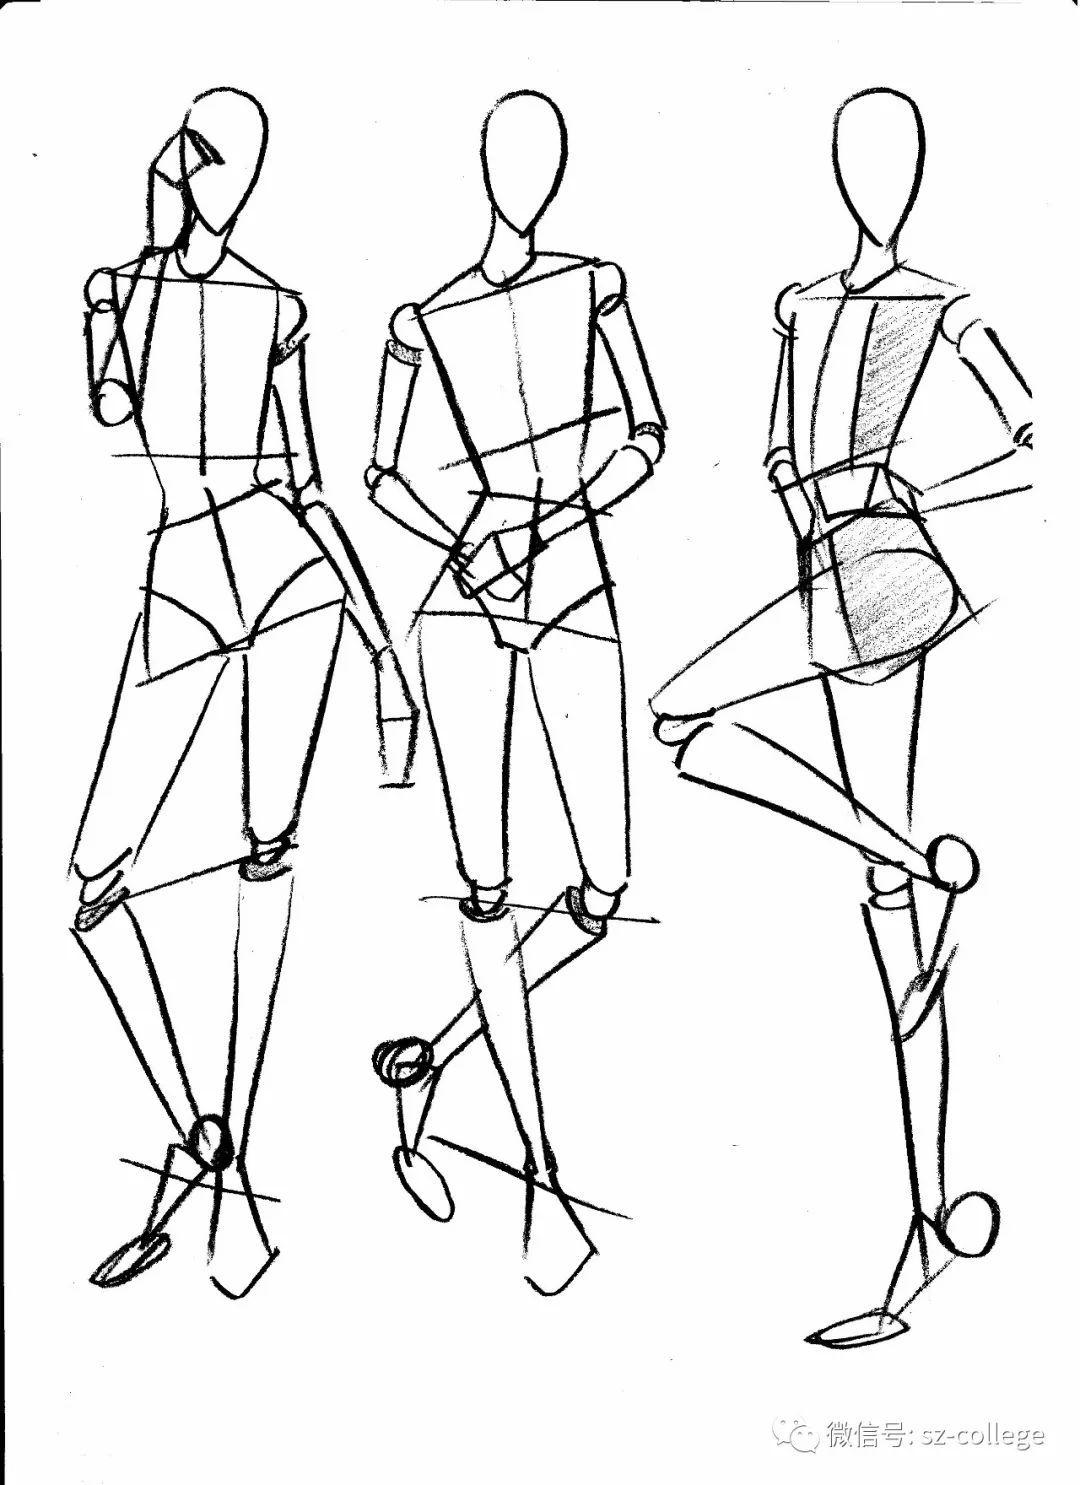 服装人体_动态服装人体线稿提炼